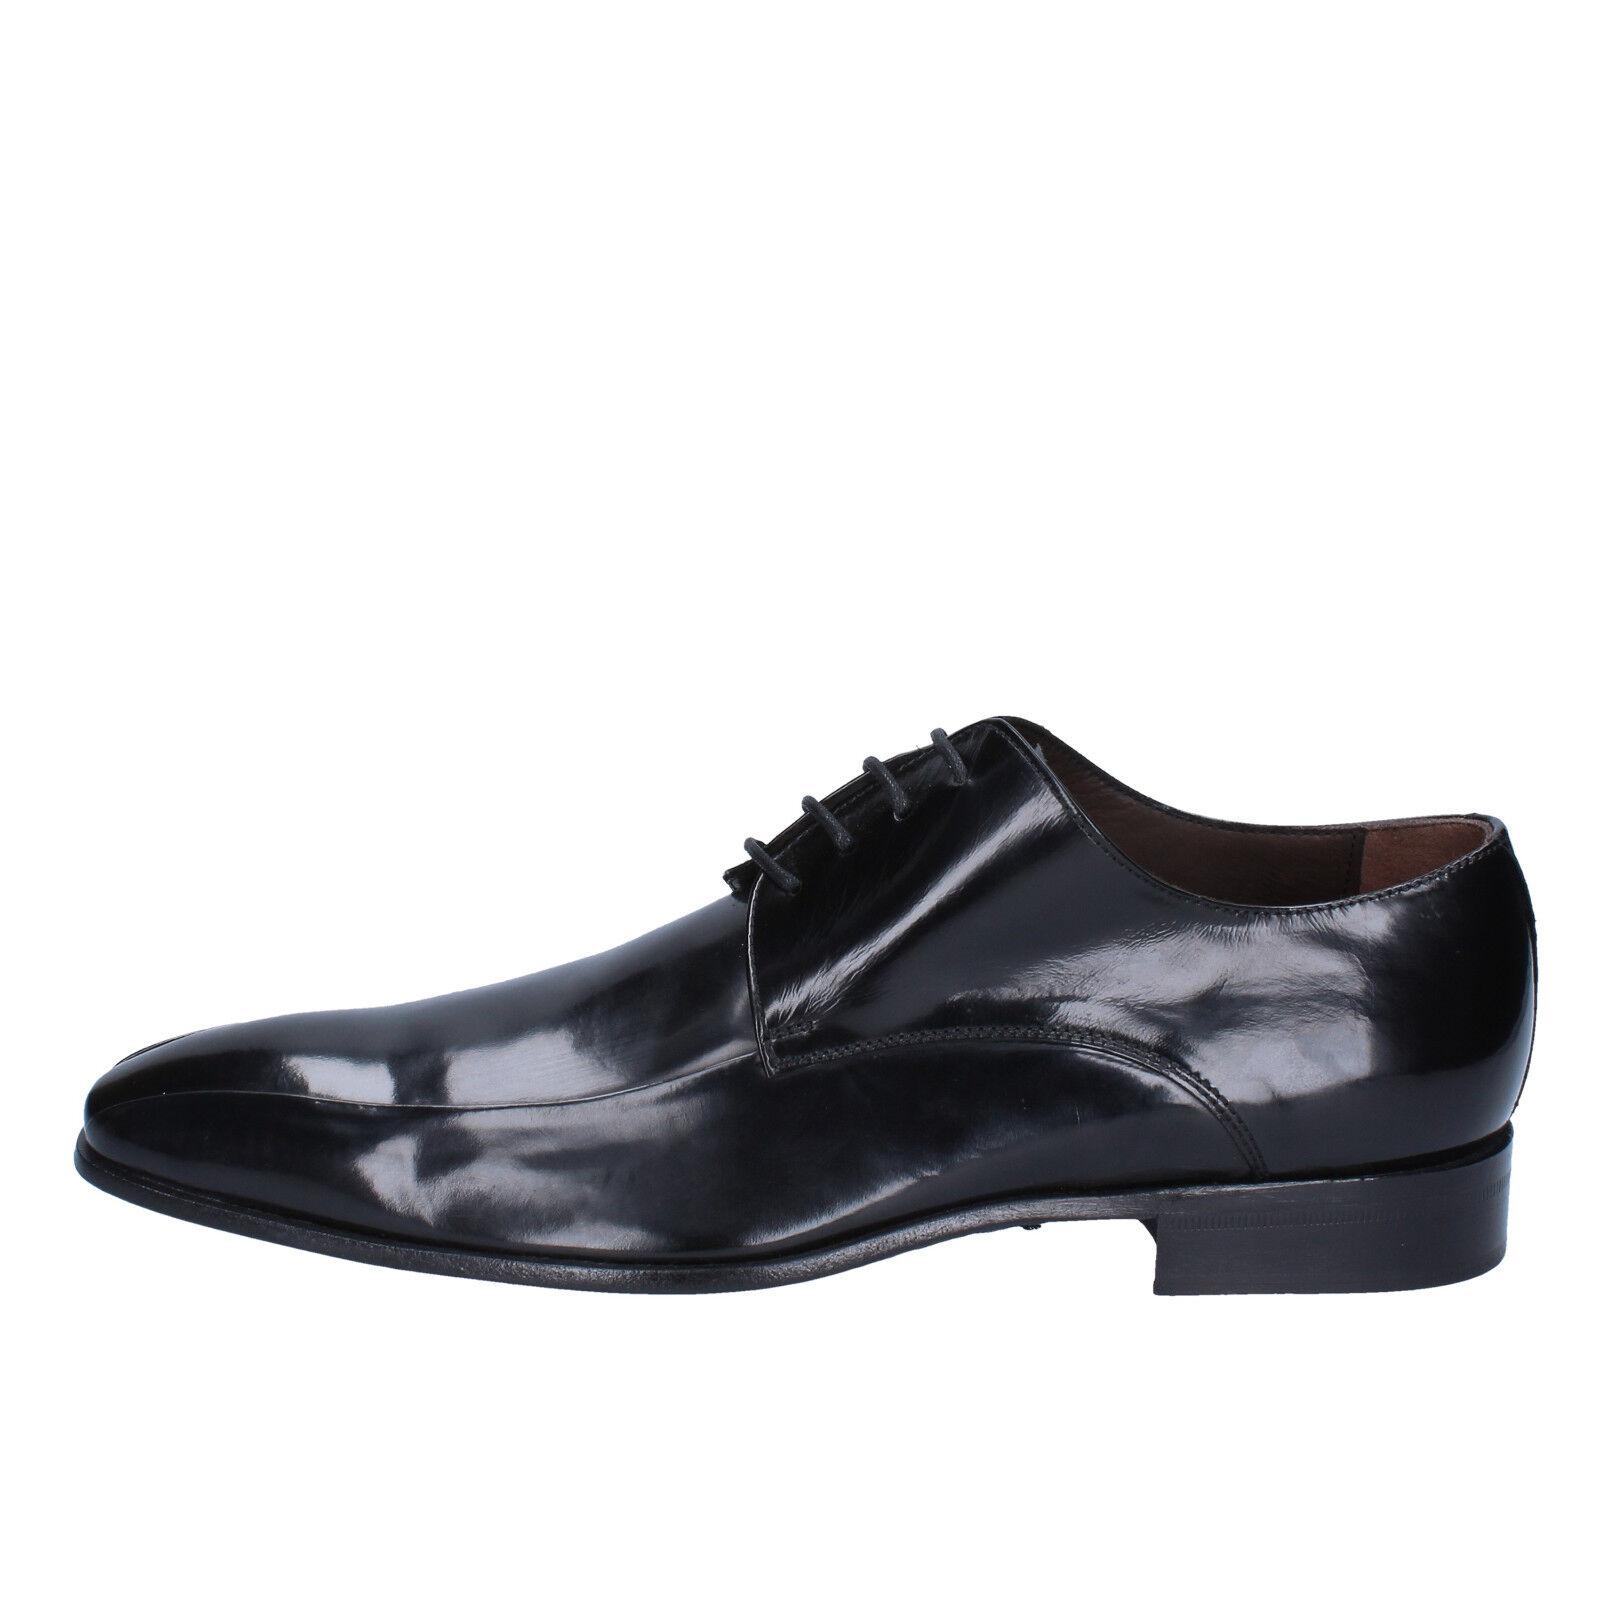 scarpe uomo CARIERI & CARIERI 39 EU classiche nero pelle AD754-B